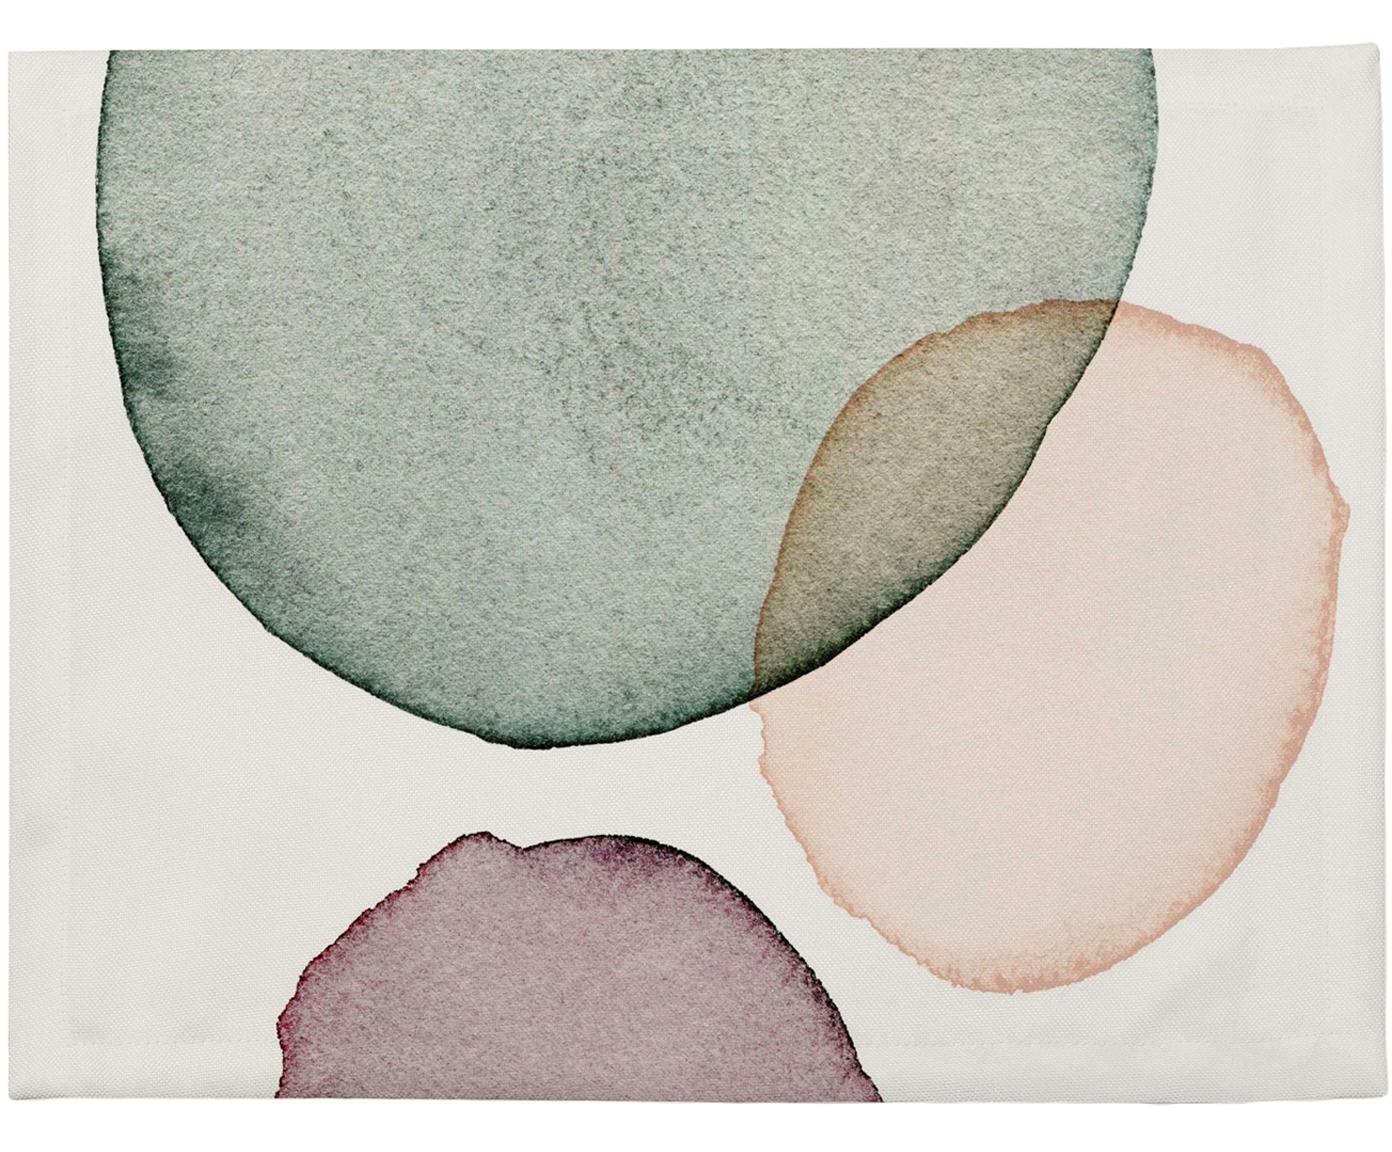 Tischsets Calm, 4 Stück, Polyester, Weiß, Grün, Lila, Lachsfarben, 35 x 45 cm